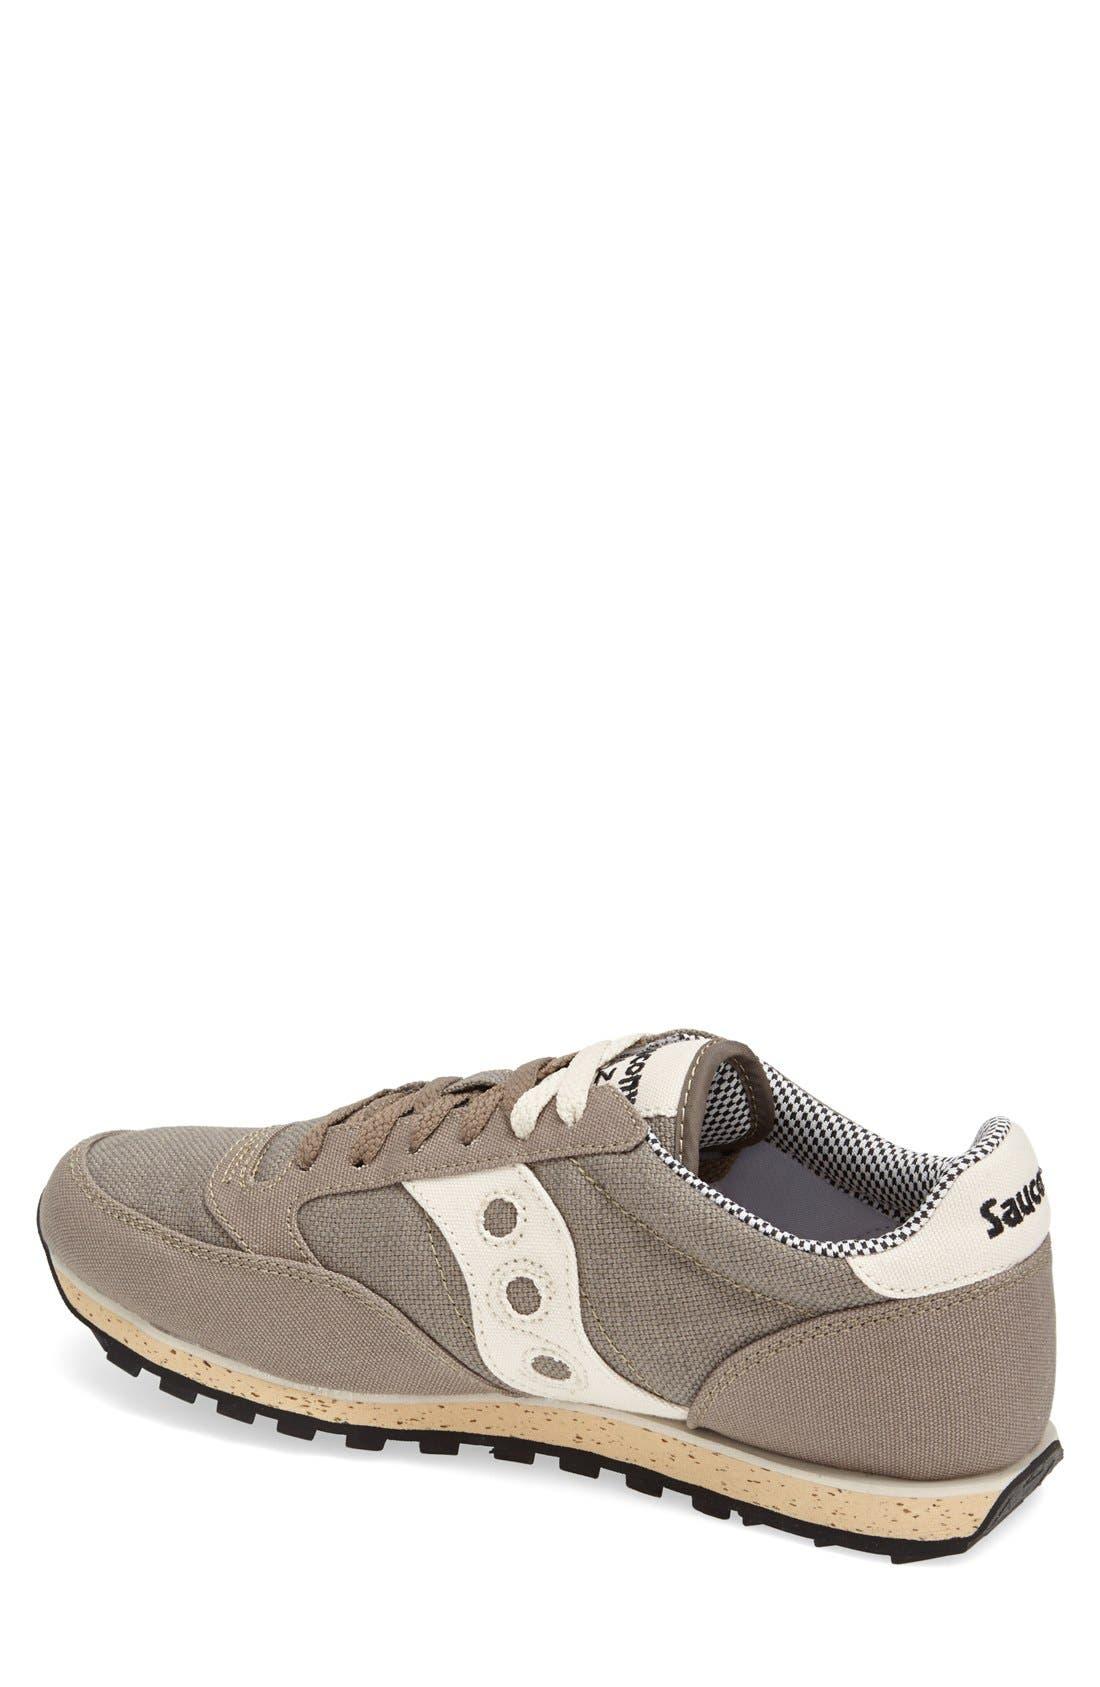 Alternate Image 2  - Saucony 'Jazz Low Pro - Vegan' Sneaker (Men) (Online Only)